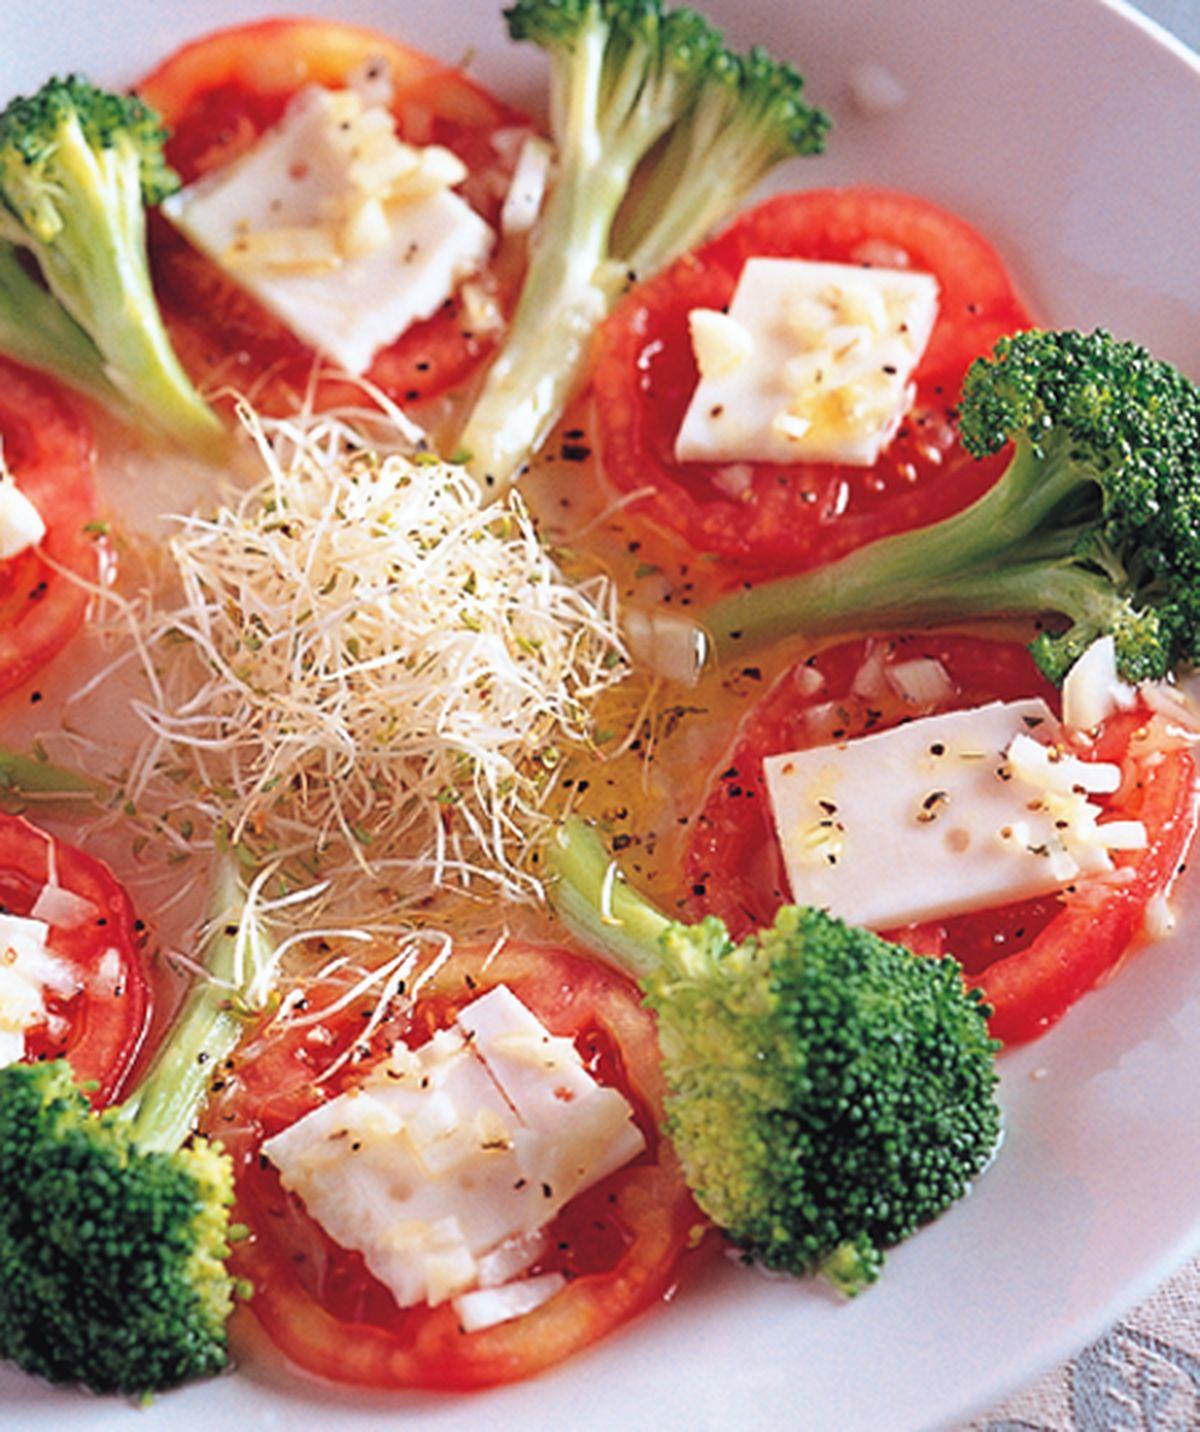 食譜:起士蕃茄油醋